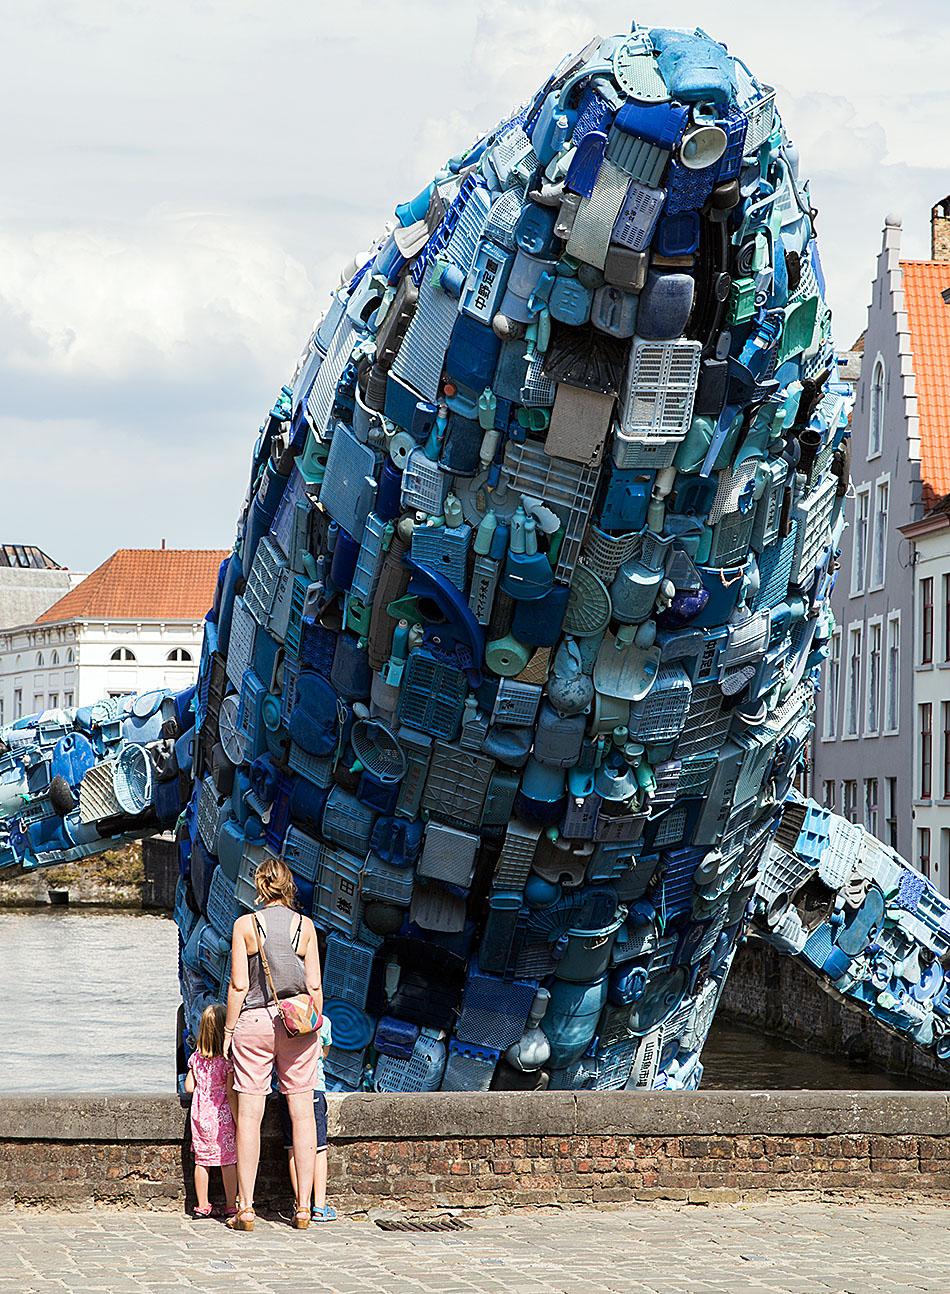 Fabian Fröhlich, Brugge Triennale 2018, StudioKCA, Skyscraper (the Bruges Whale)